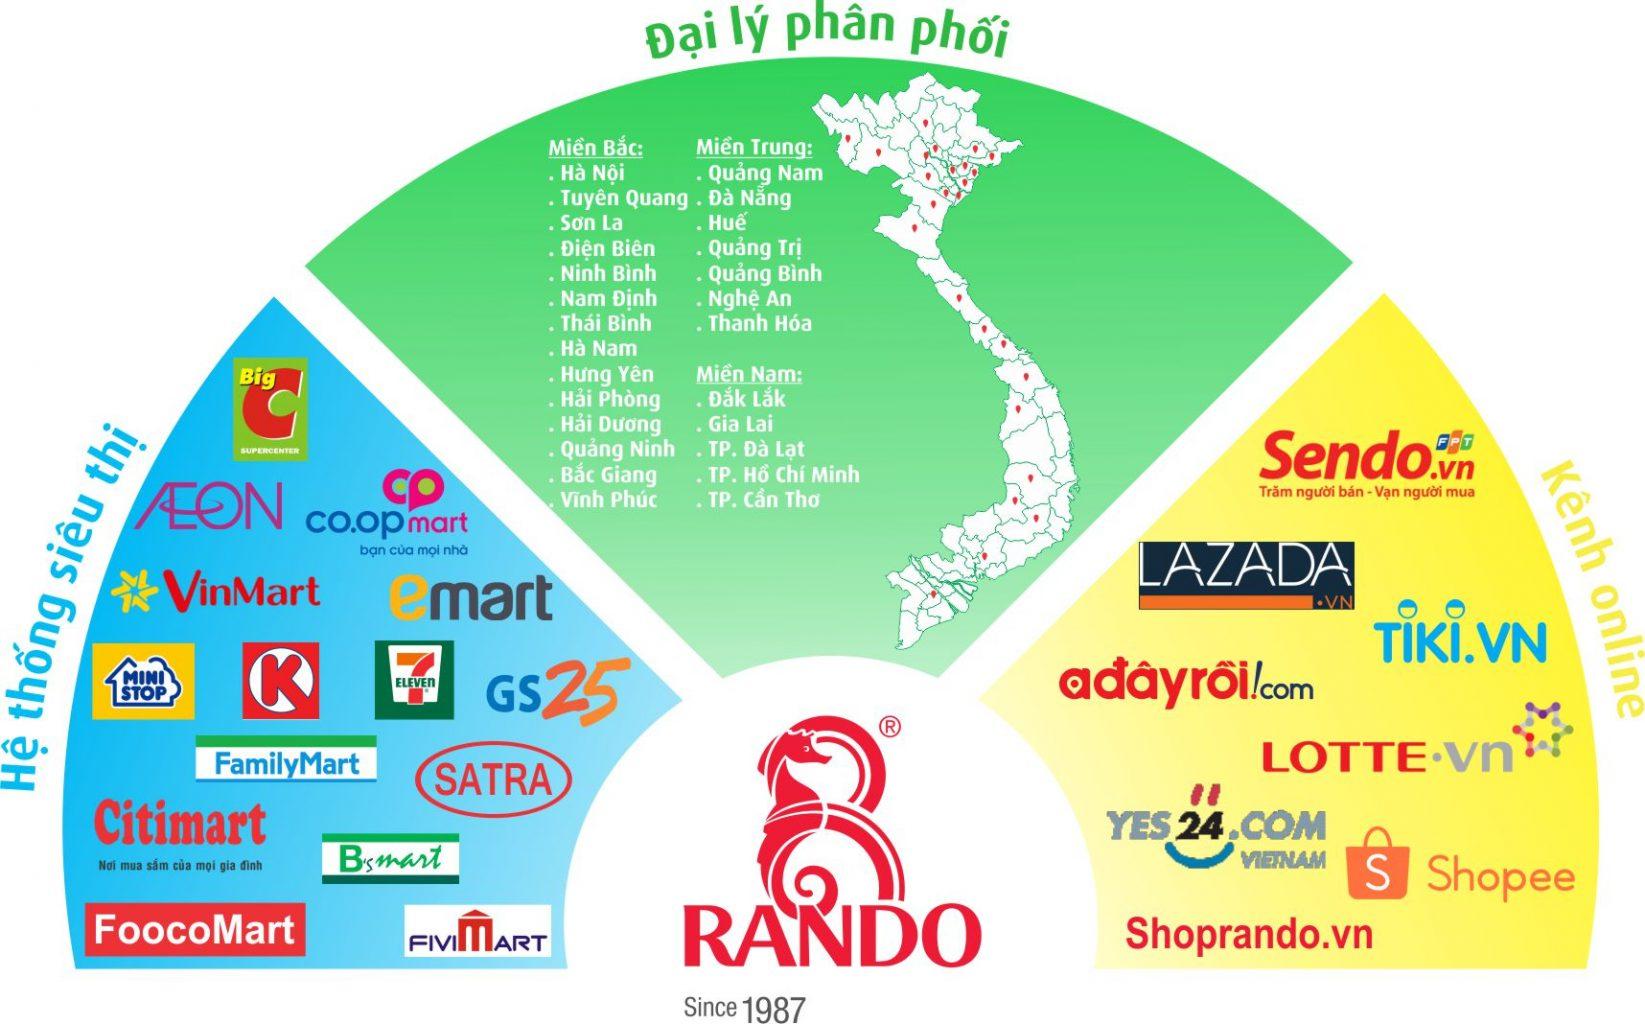 RANDO phân phối sỉ và lẻ (Đại lý, Siêu thị, Online) đã có mặt trên toàn quốc